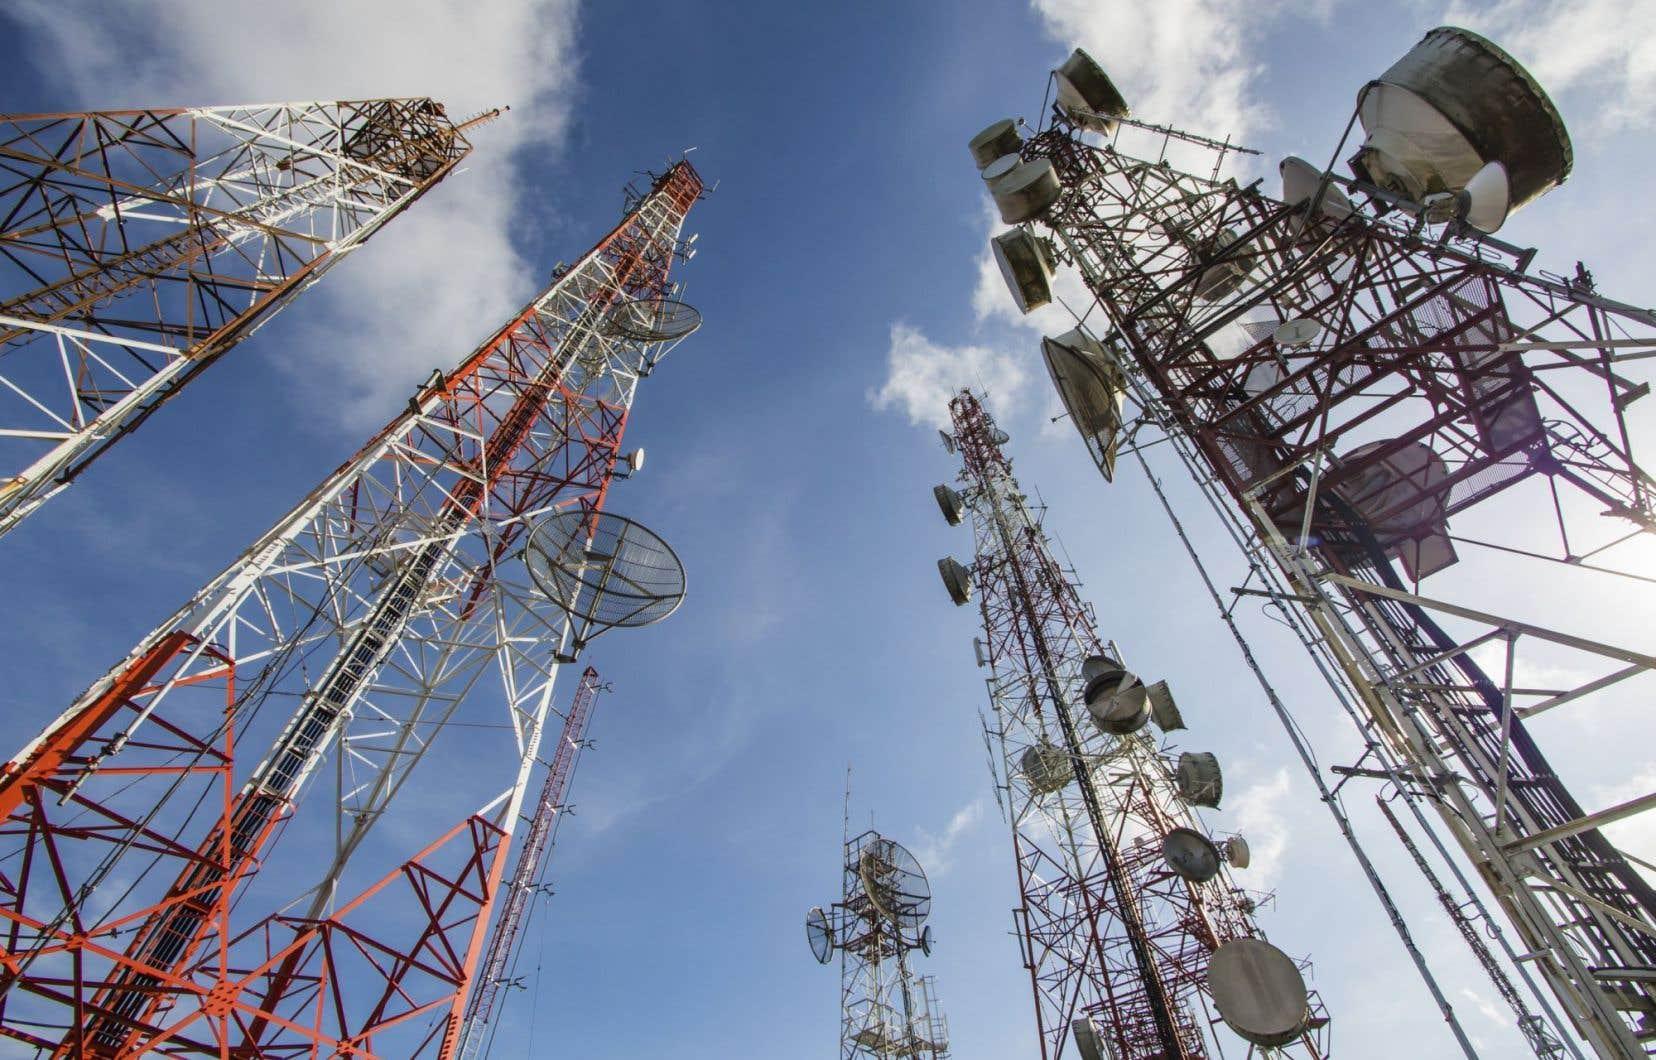 Selon une étude brésilienne, le taux de mortalité par cancer est beaucoup plus élevé pour la population résidant ou travaillant à moins de 500 mètres des tours/antennes.